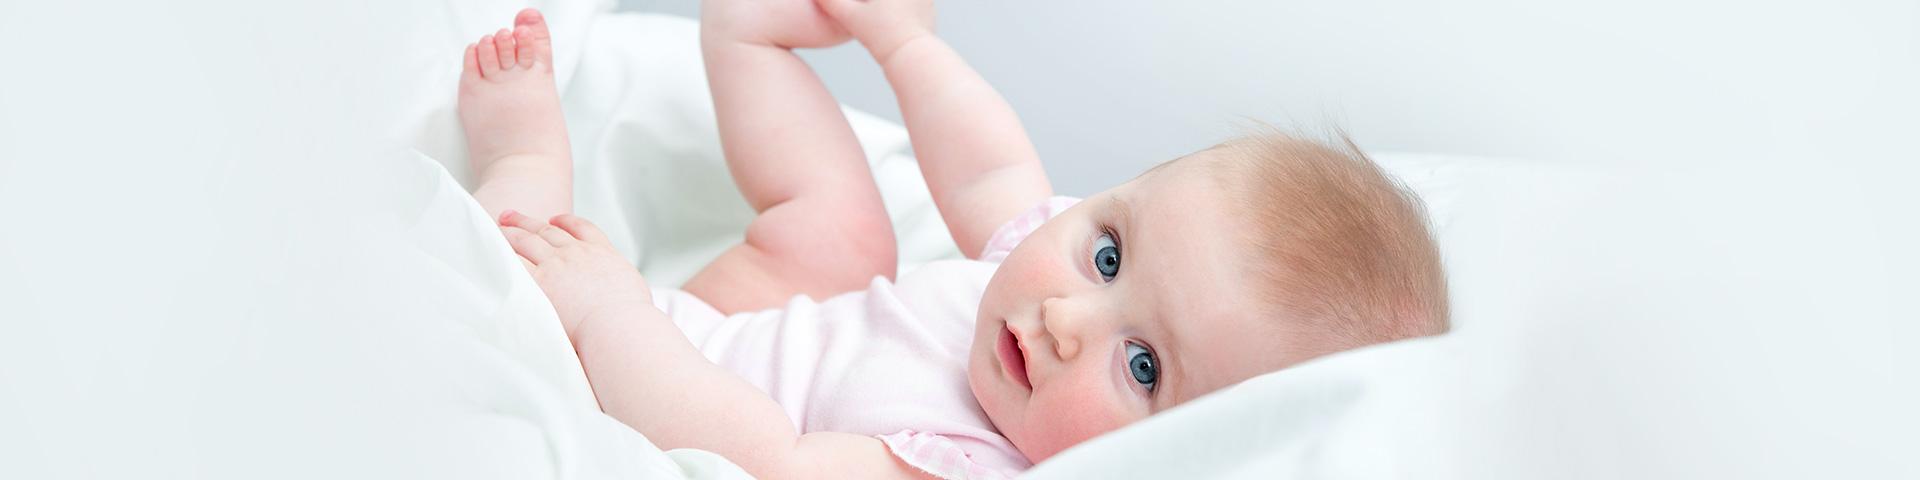 Babykosmetik Baby liegt in weichen Polstern und schaut mit blauen Augen neugierig in die Kamera